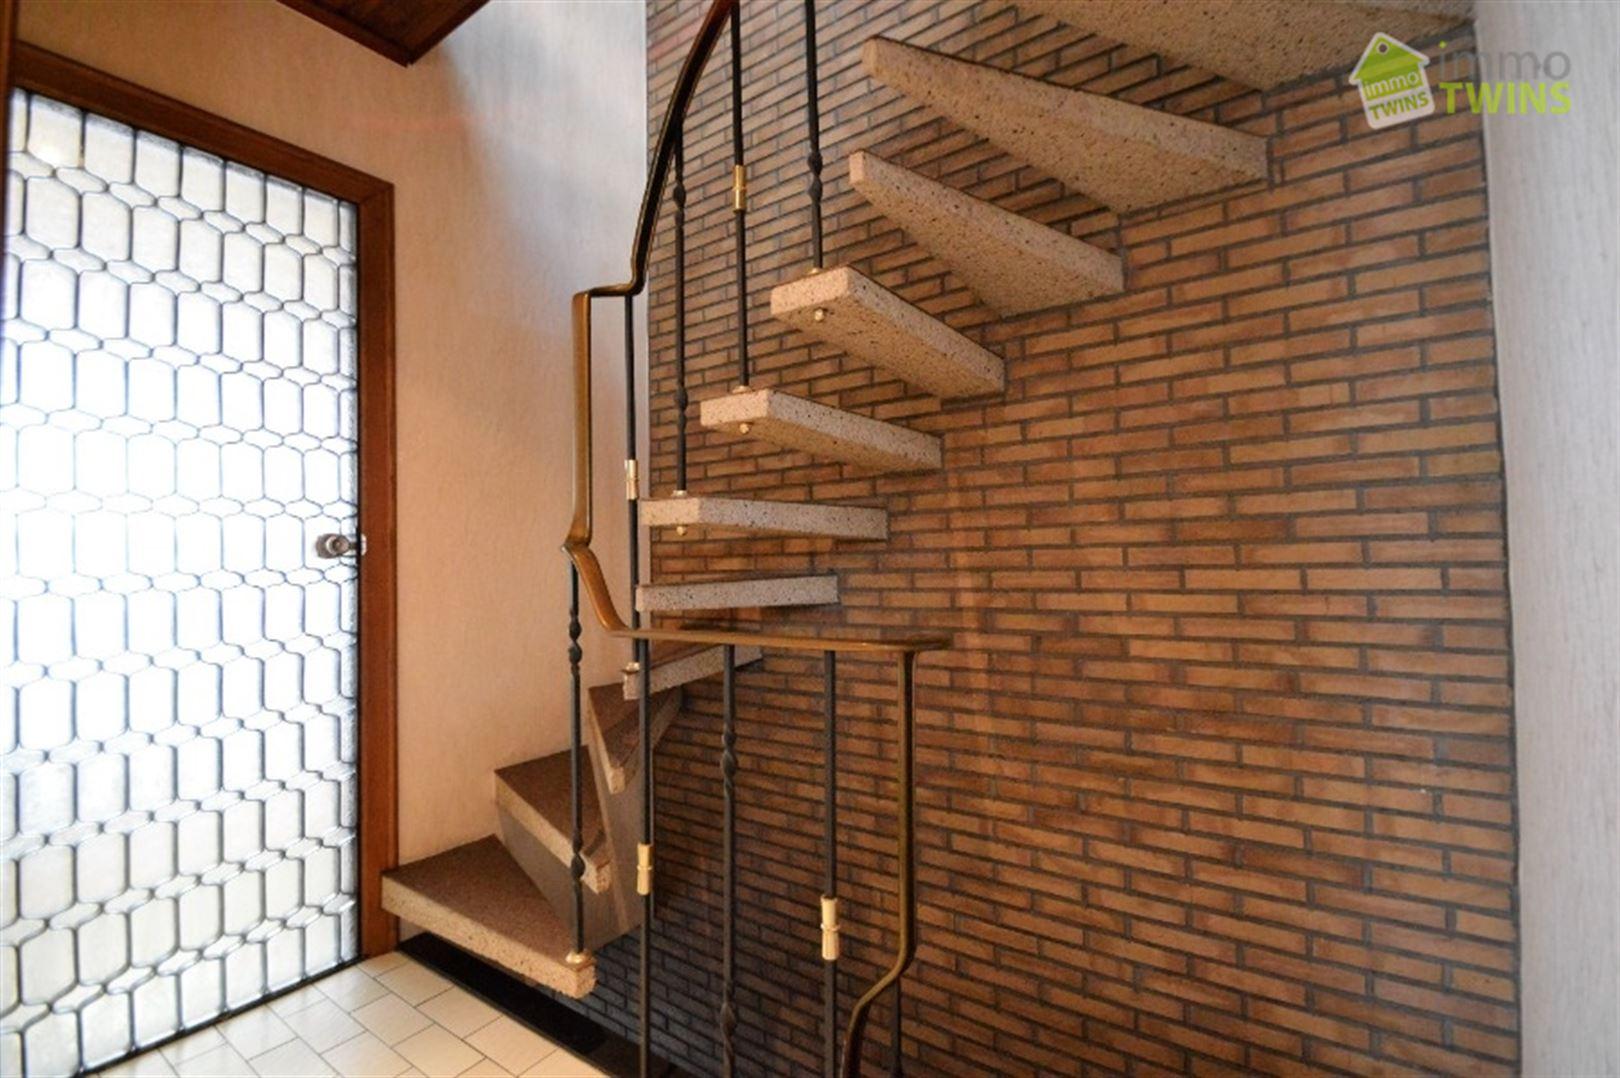 Foto 11 : Appartement te 9200 Oudegem (België) - Prijs € 700